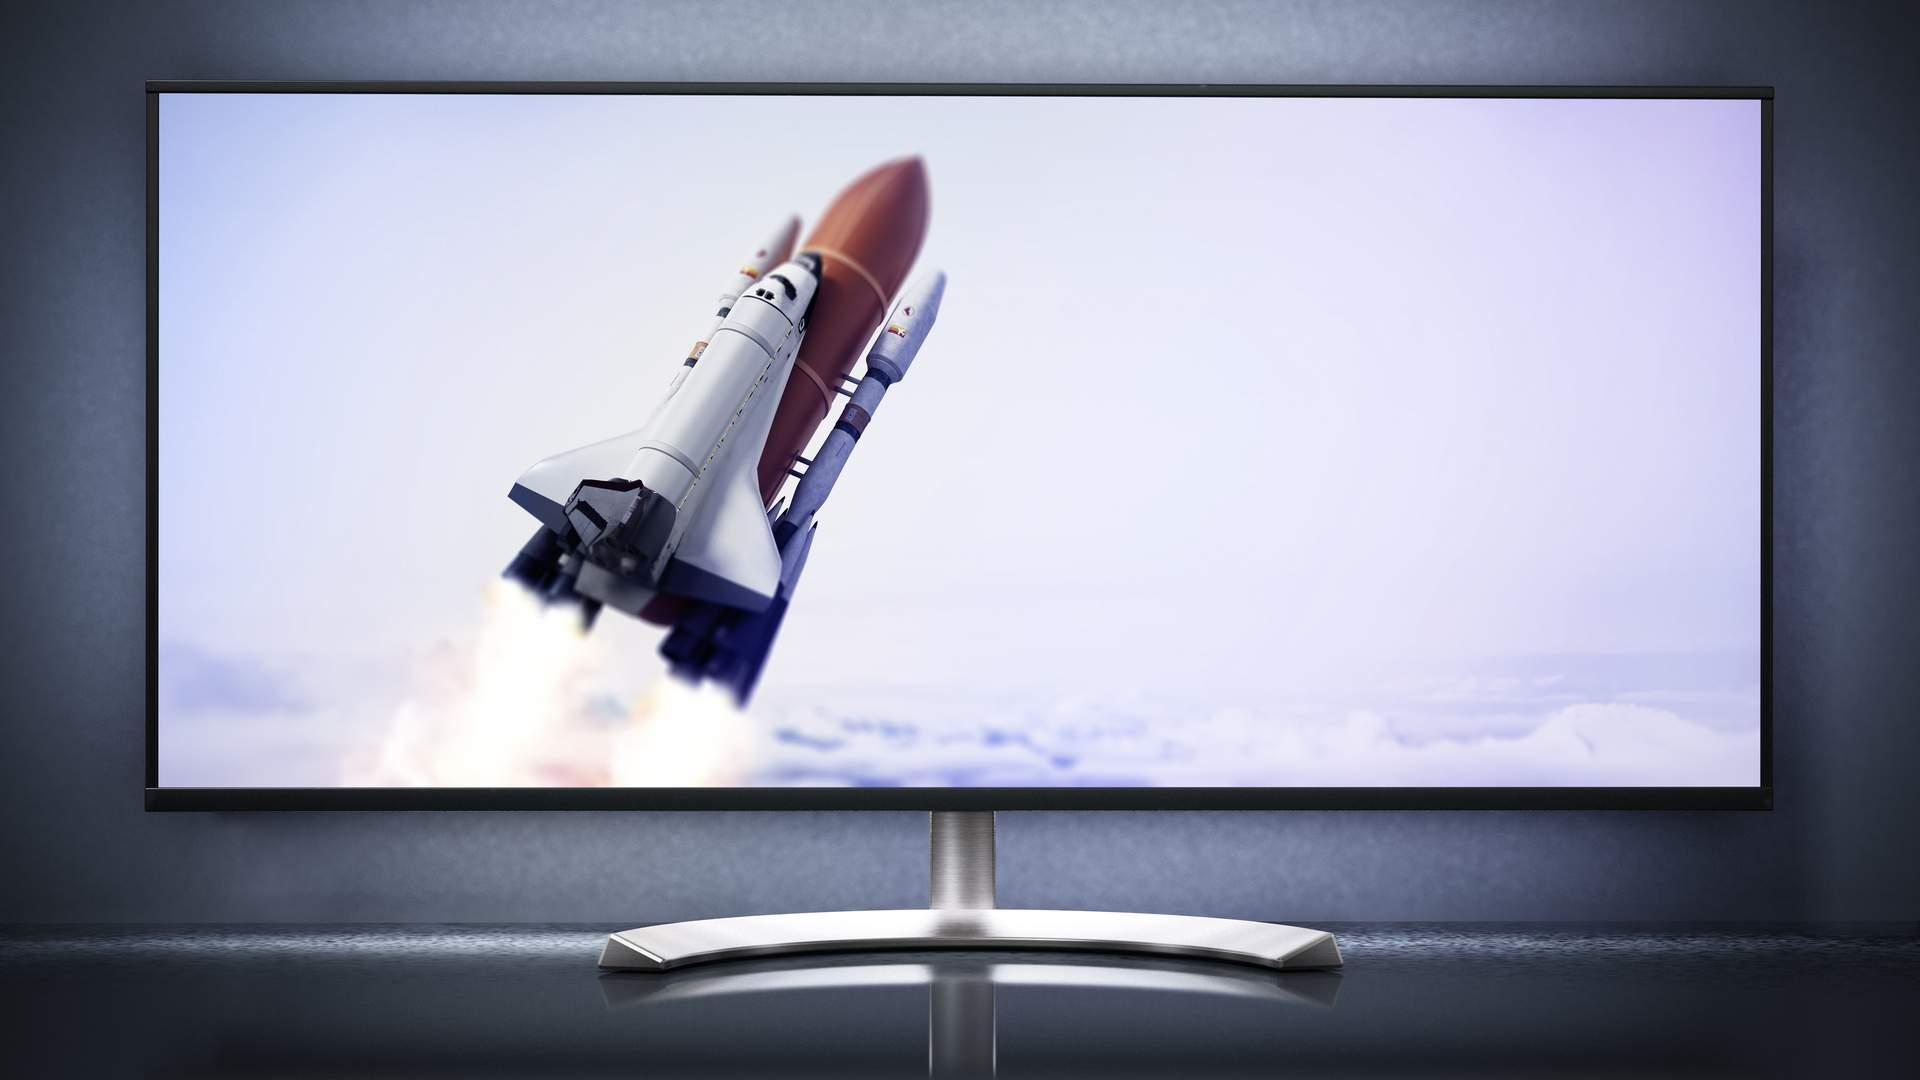 Monitor ultrawide com tela mostrando nave espacial subindo além das nuvens